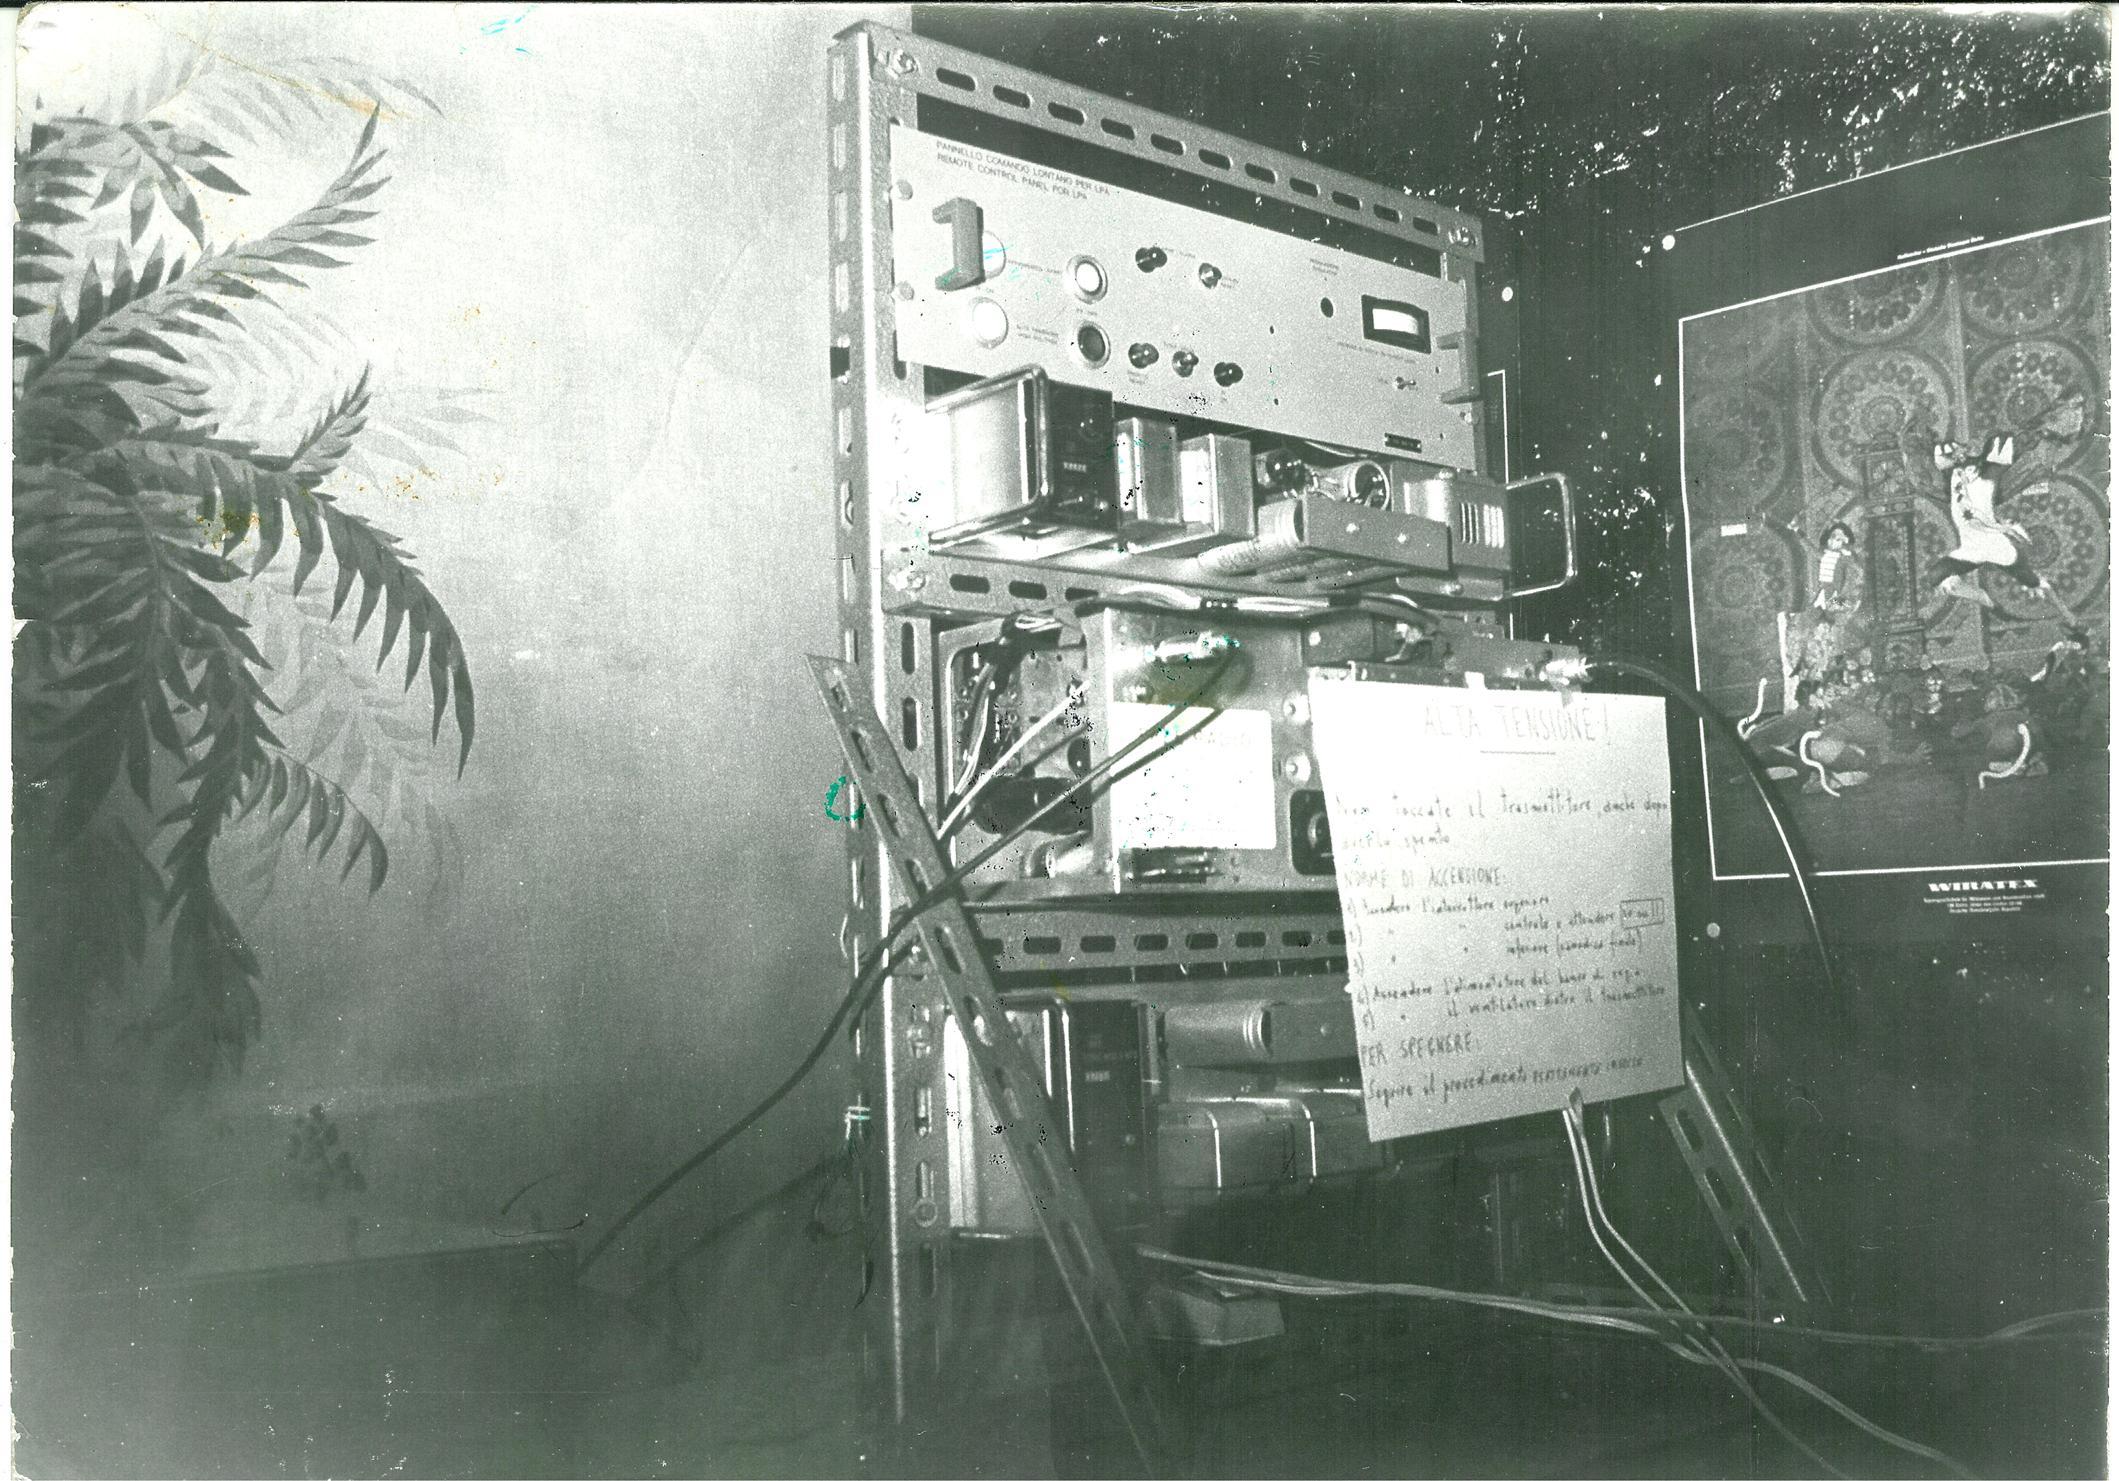 Free Radio La Topaia Primo trasmettitore - Storia della radiotelevisione italiana. 1975: quando a Milano si ascoltavano Radio Asti, Radio Torino, Radio Omegna, Radio Lecco, Radio Brescia e Radio Piacenza